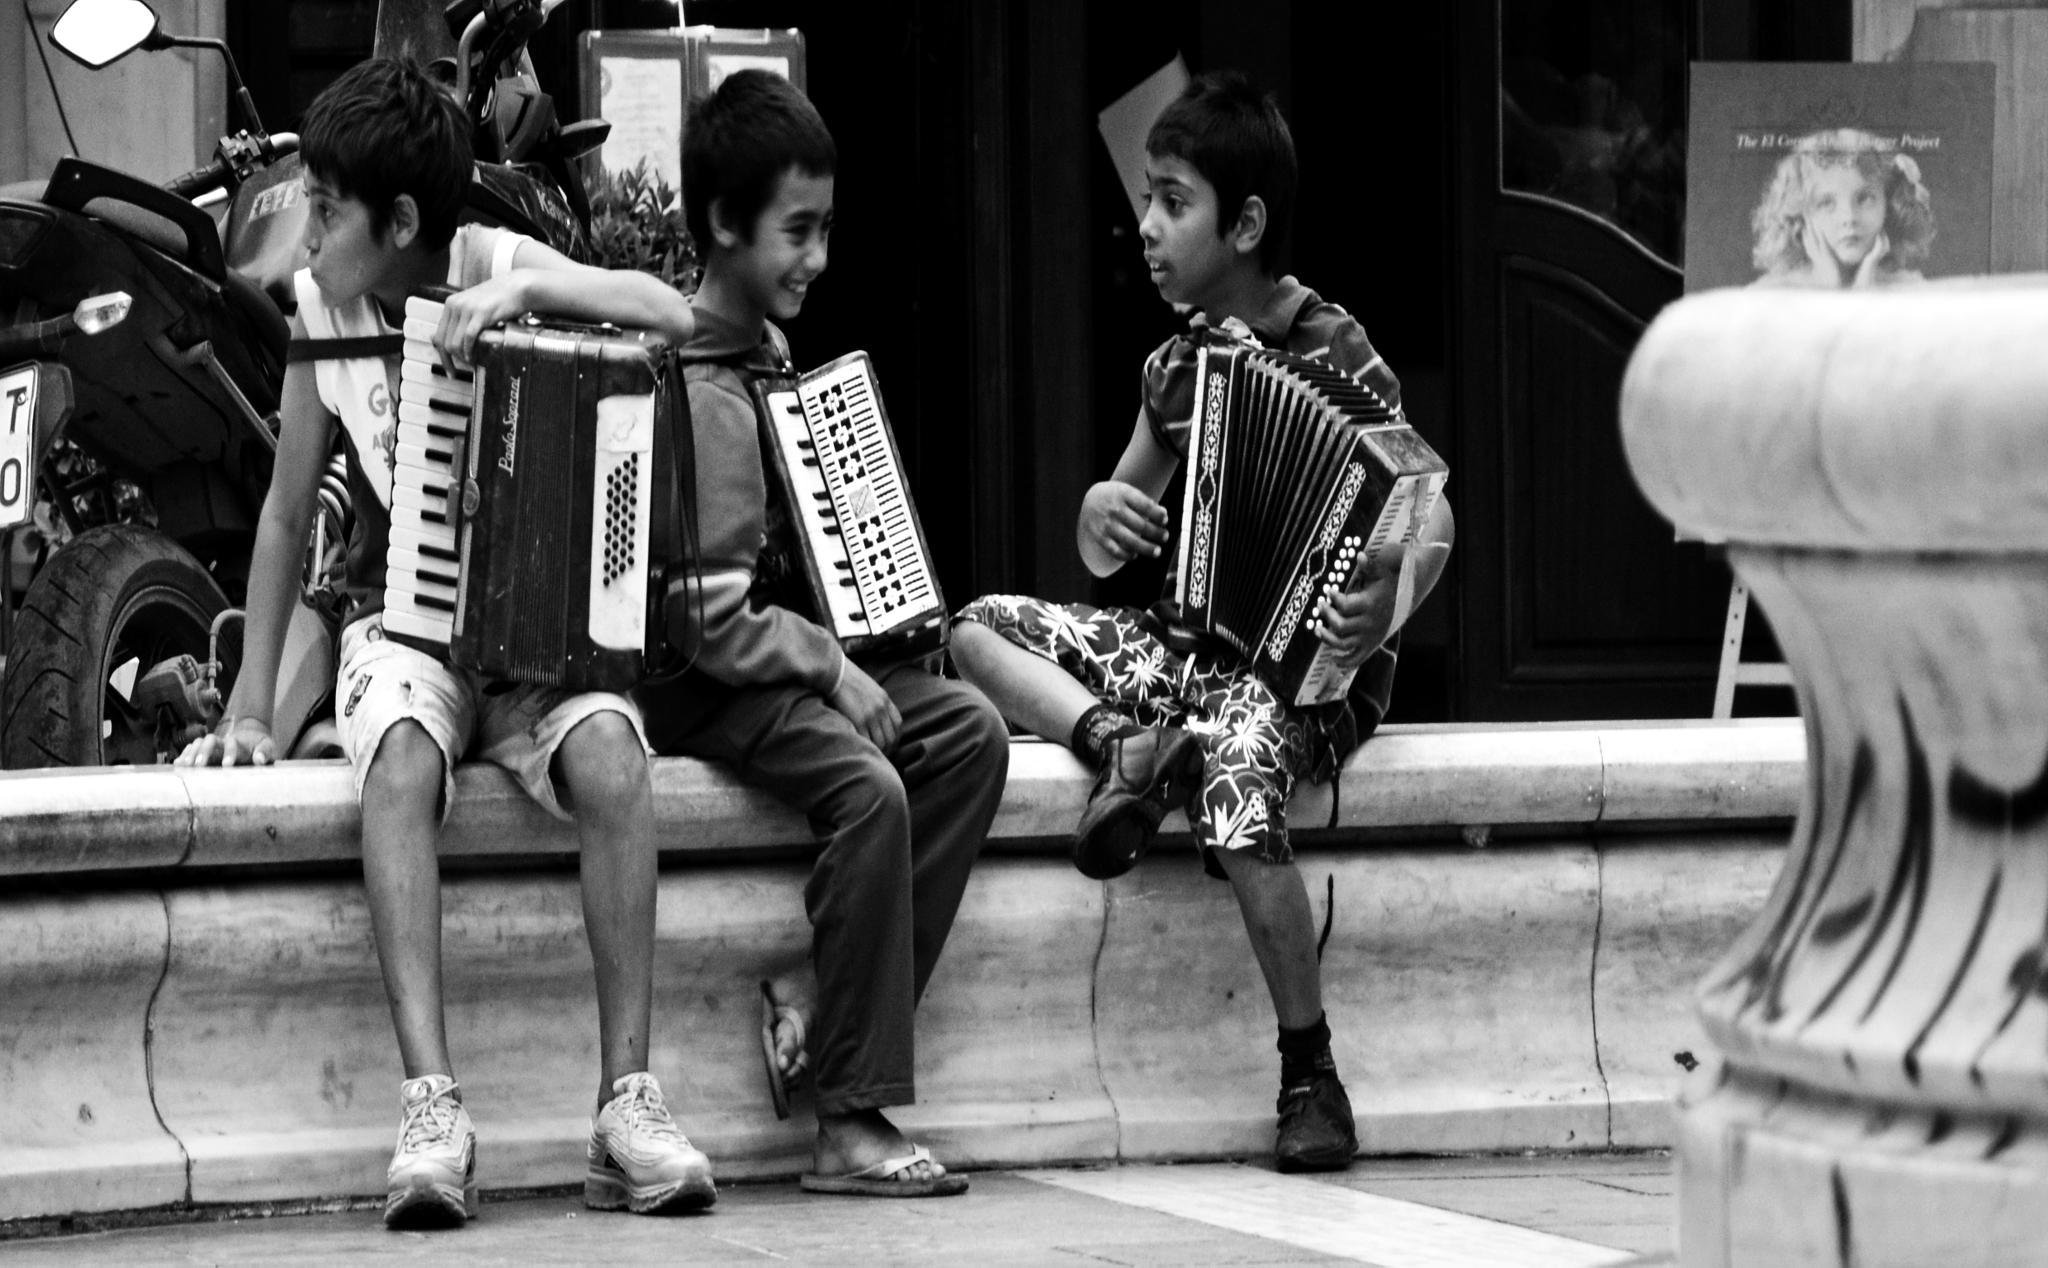 Happy (?) children by Nikolakos